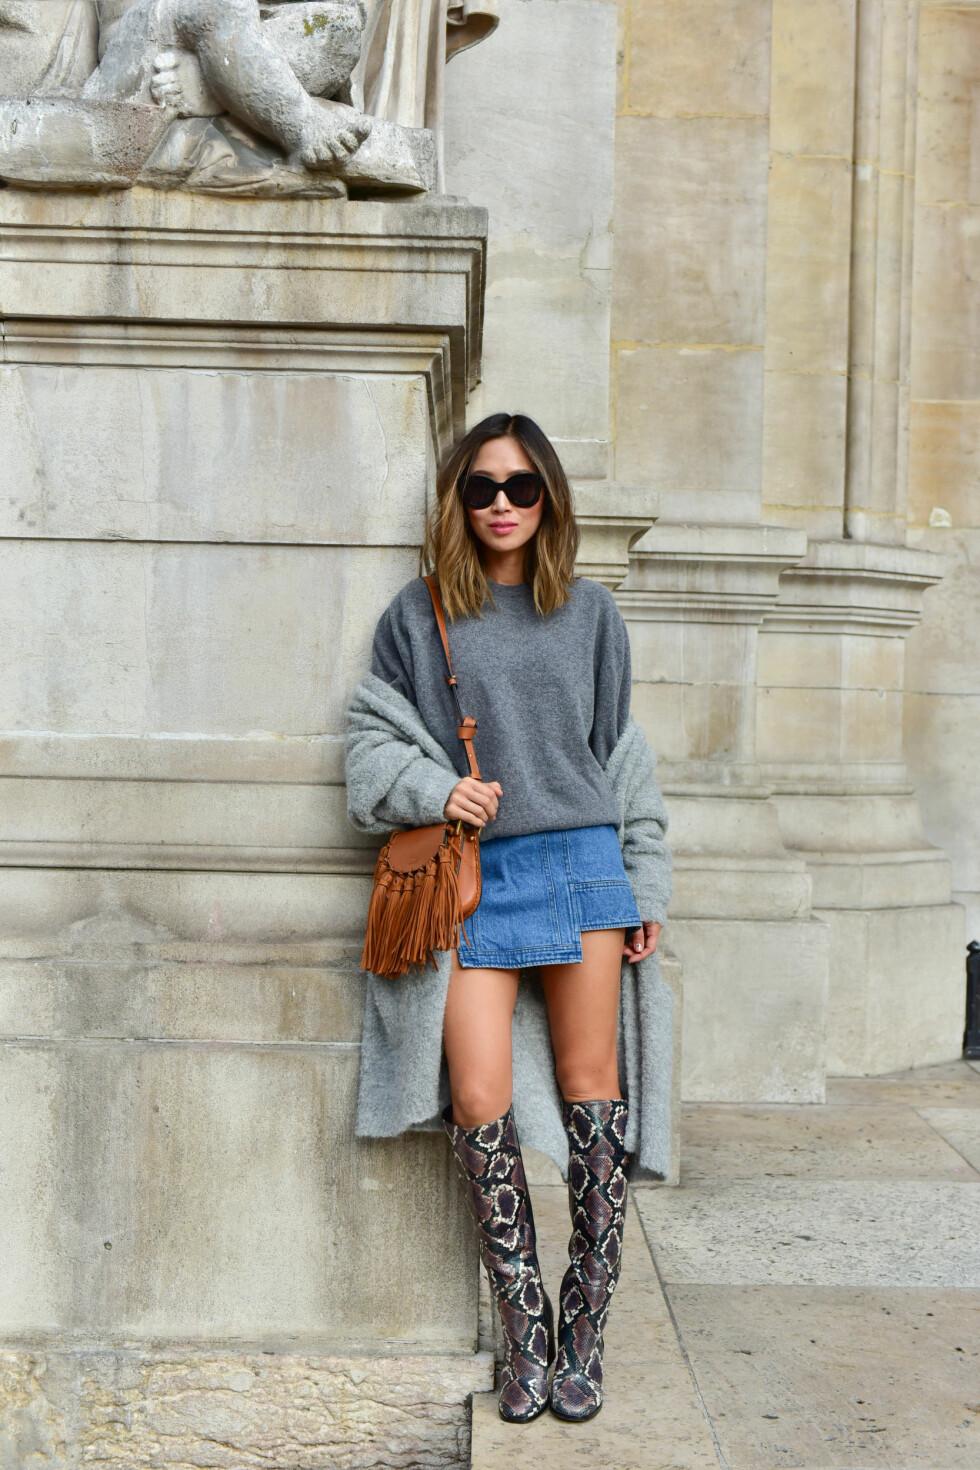 DENIMSKJØRT: Aimee Song kombinerer denimskjørtet med superkule boots, en tjukk genser og en kardigan! Så enkelt og så kult. Foto: DPA